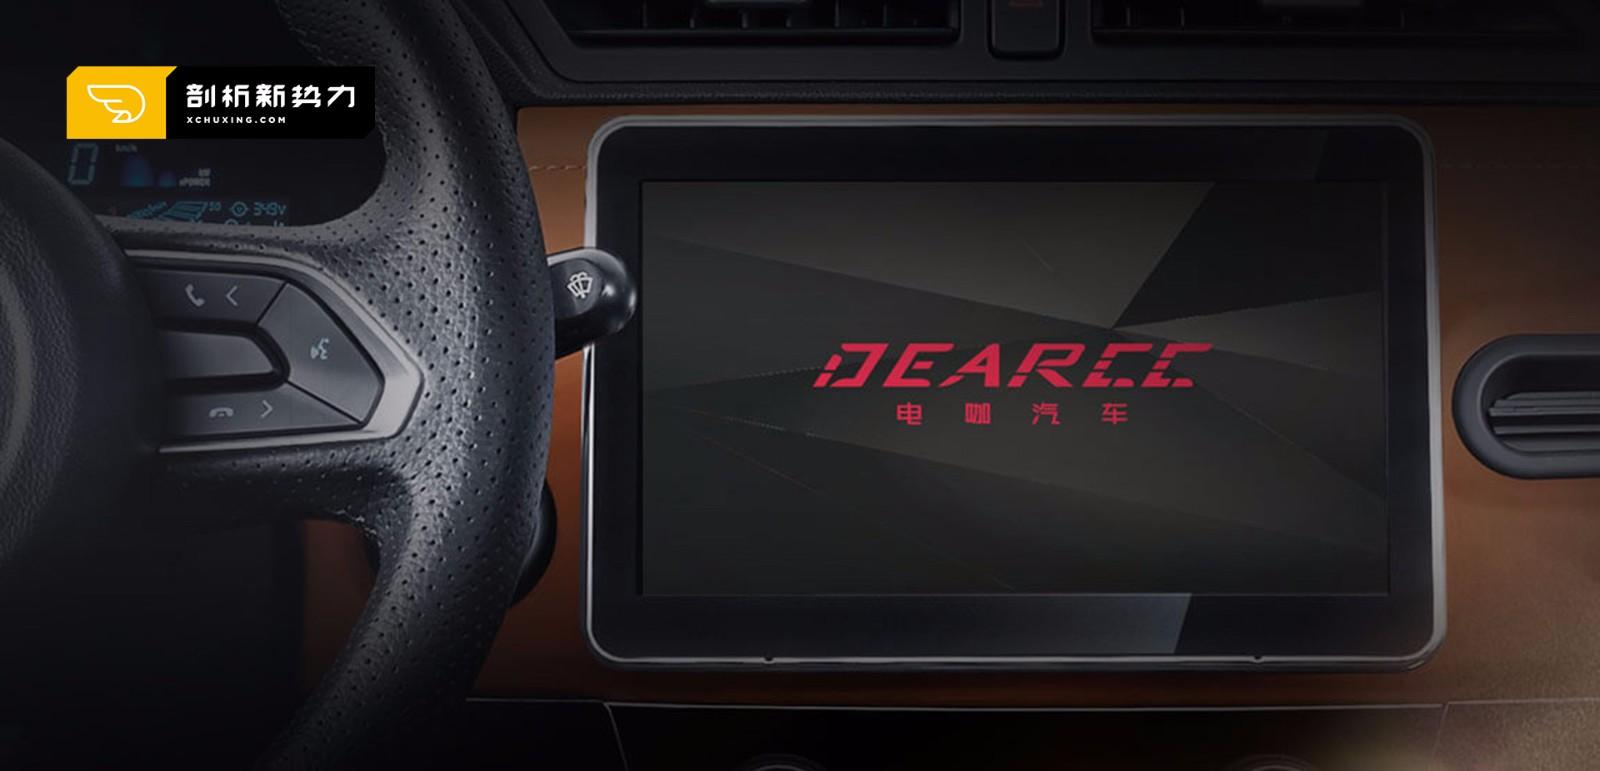 新出行剖析新势力之电咖汽车:靠一个平台就想脱颖而出?